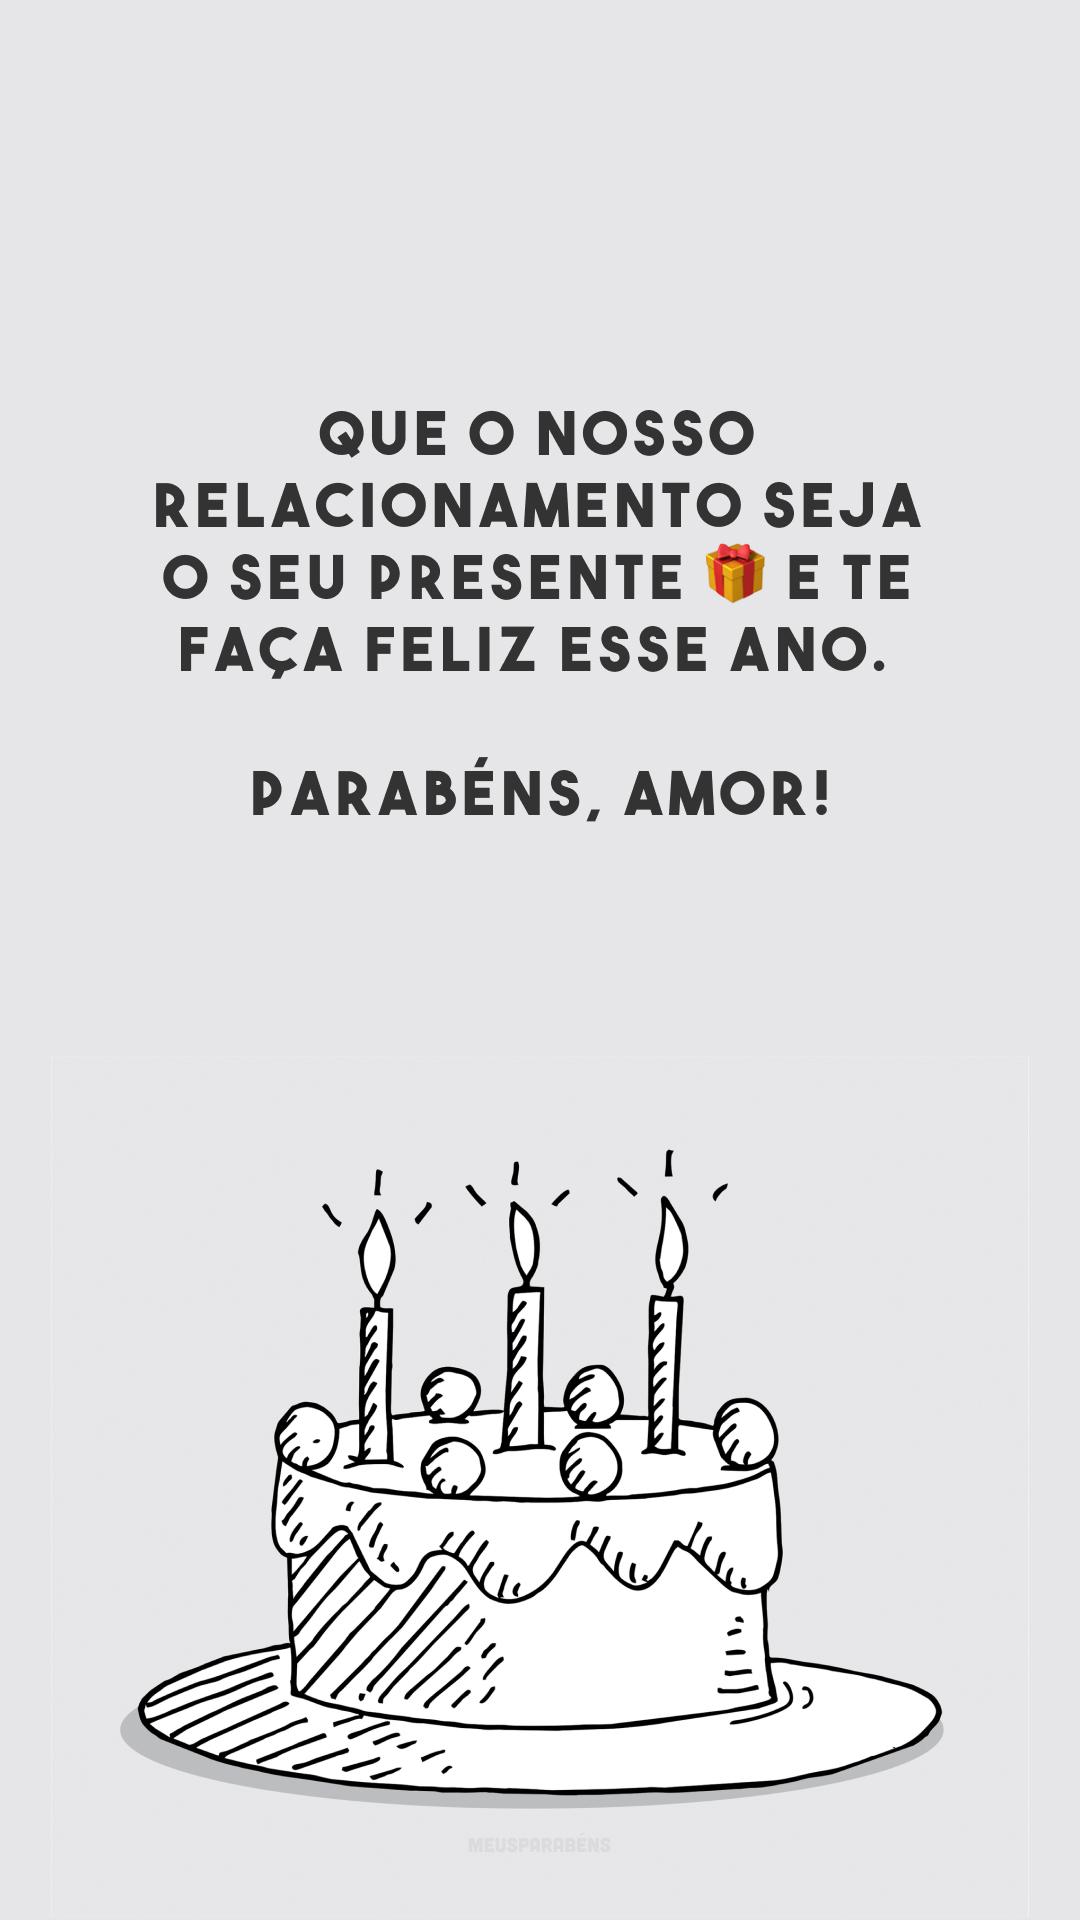 Que o nosso relacionamento seja o seu presente 🎁 e te faça feliz esse ano. Parabéns, amor!